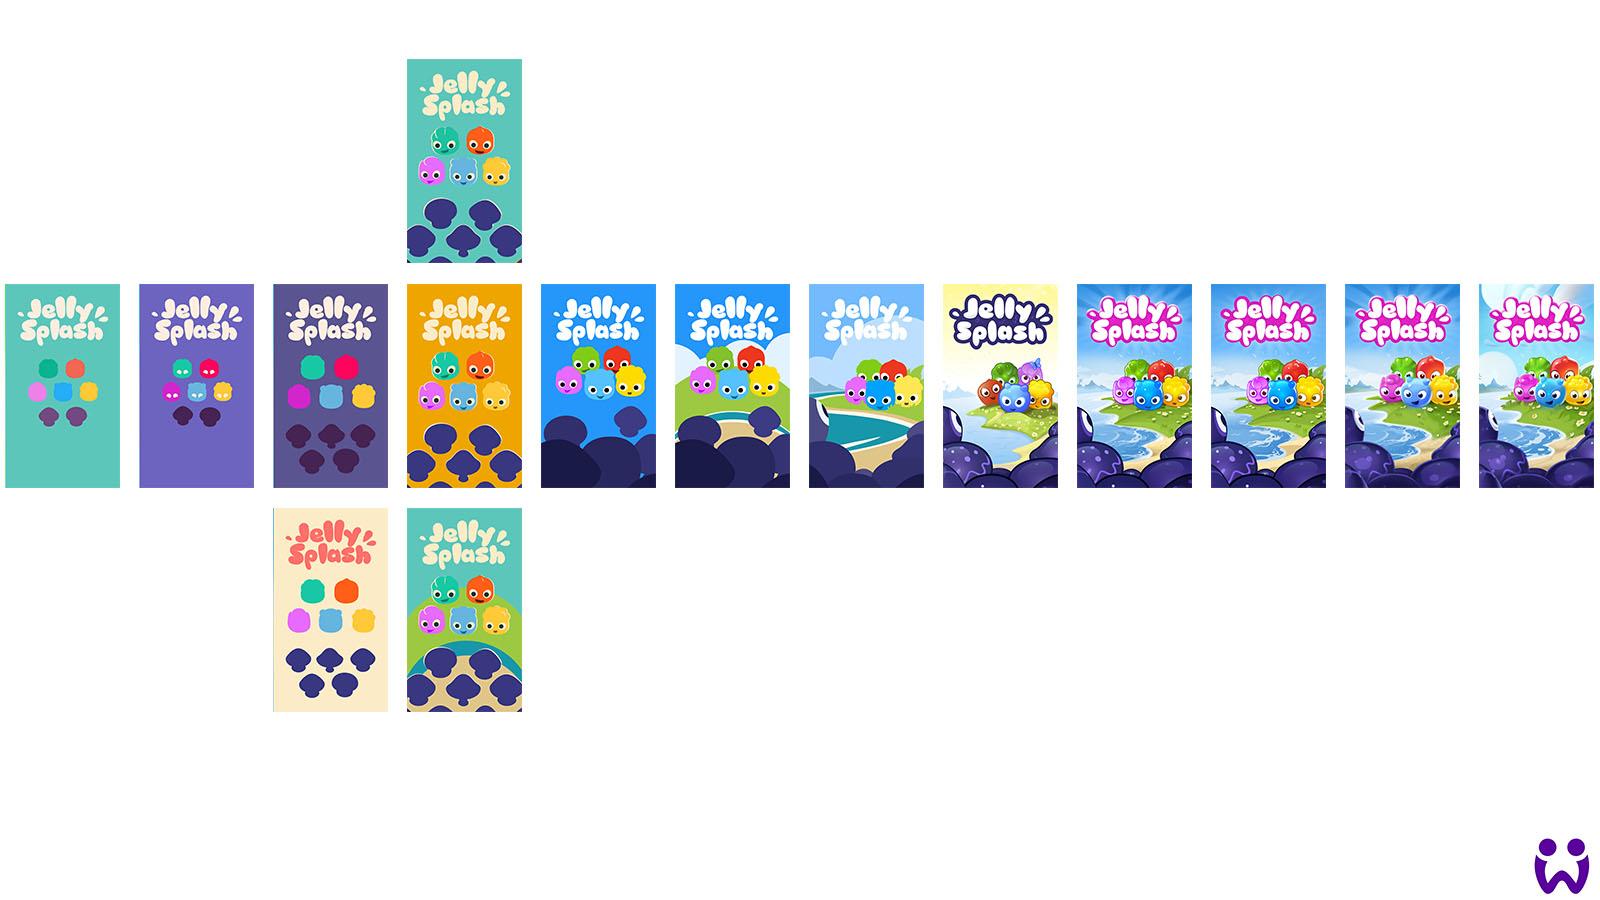 Eine Reihe von Illustrationen, die verschiedene visuelle Stile darstellt in denen die Marketingneuausrichtung geschehen könnte. Für Wooga's Mobilegame Jelly Splash